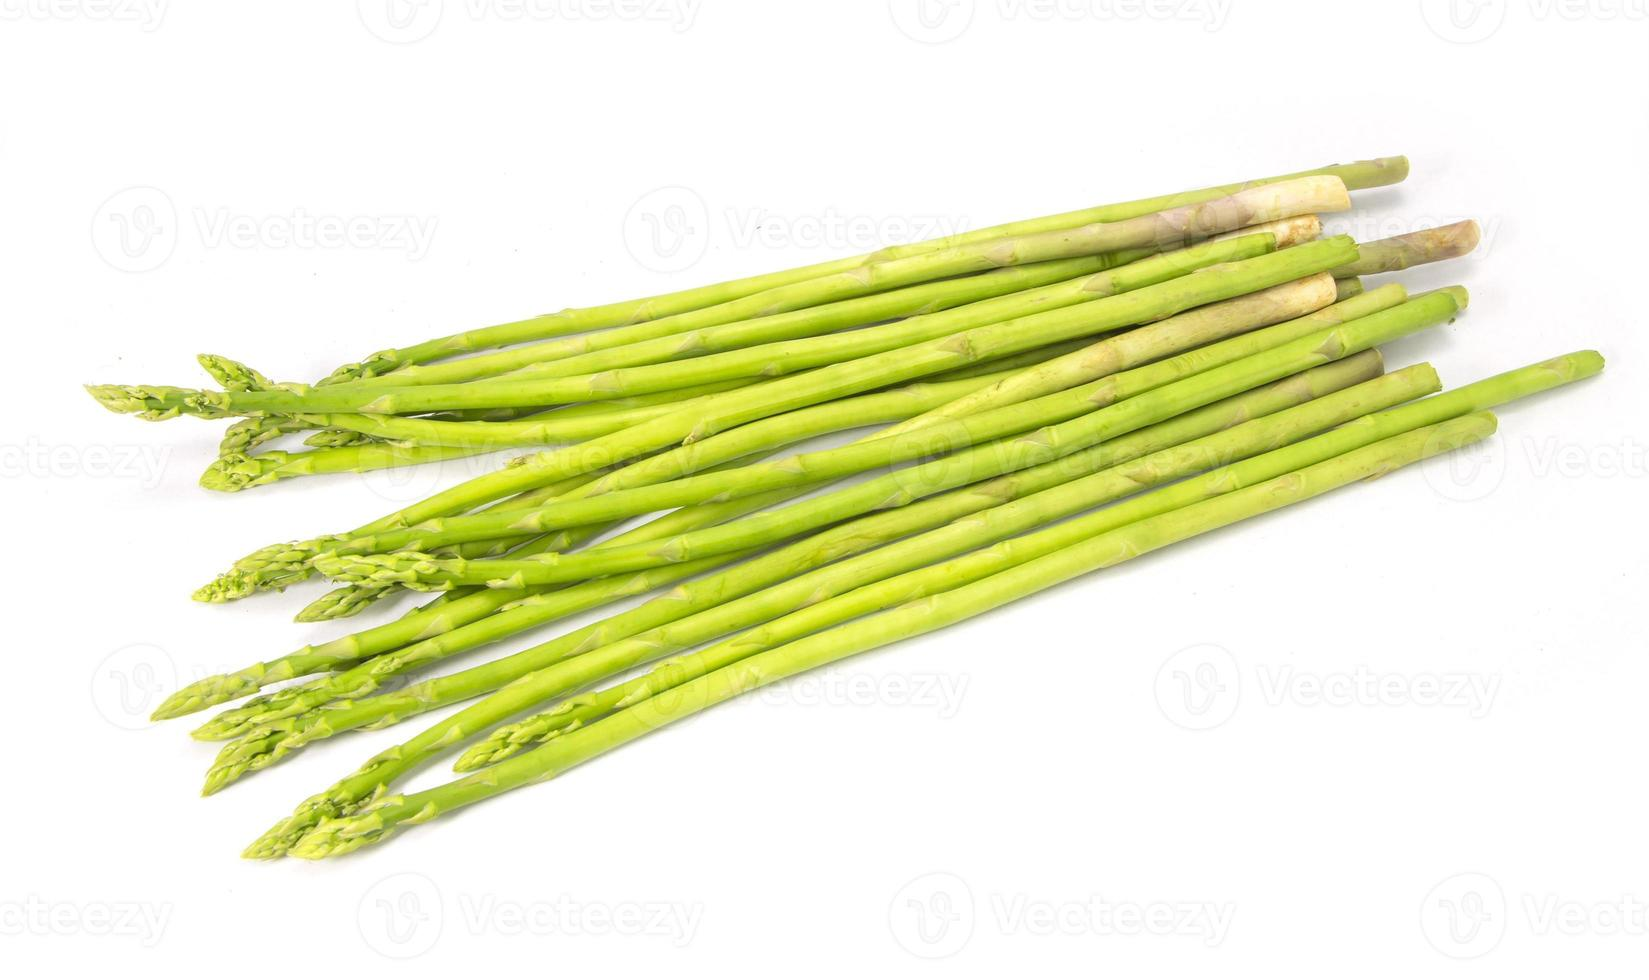 groene asperges geïsoleerd op een witte achtergrond foto